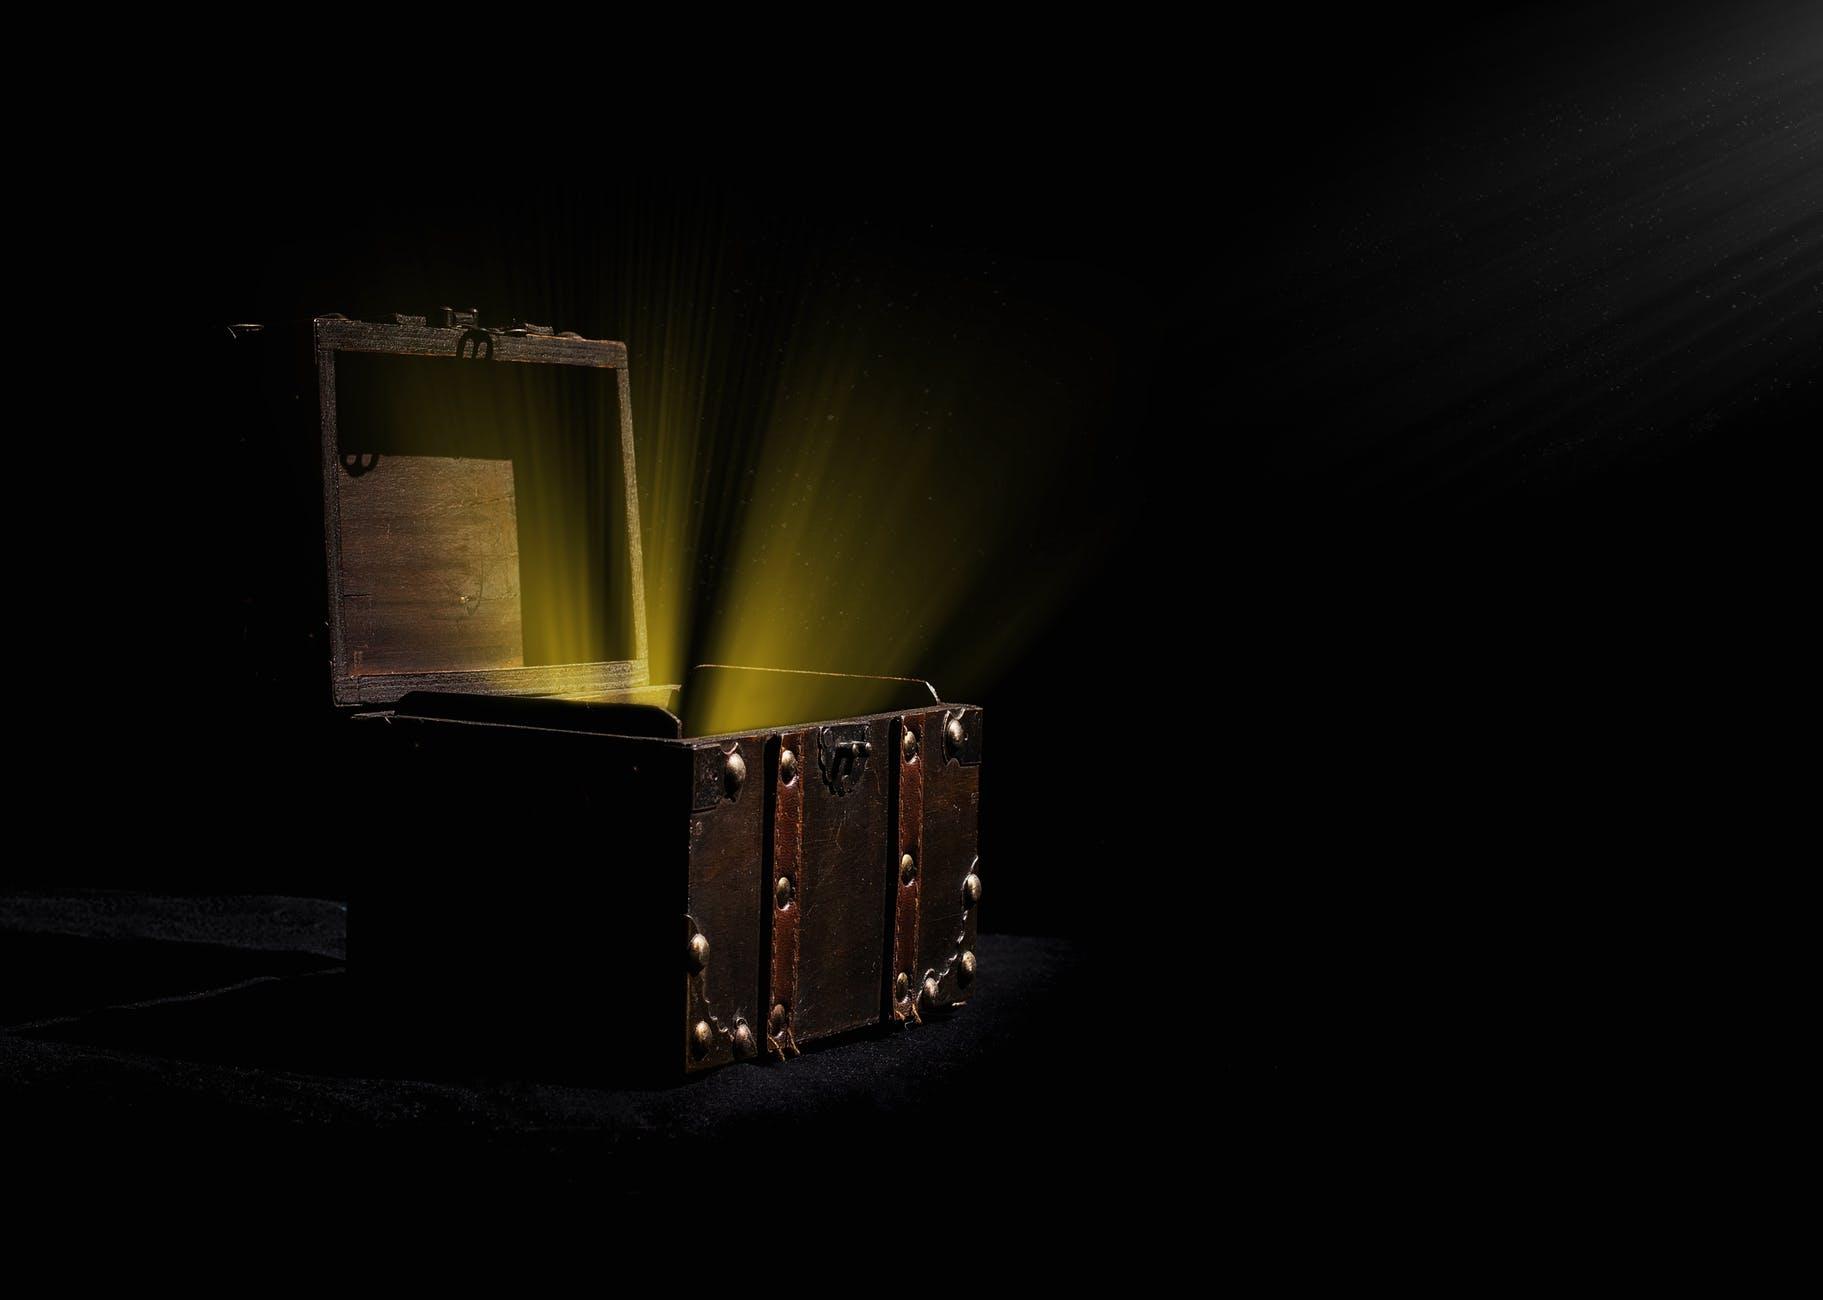 Müzik Kutusu, music box